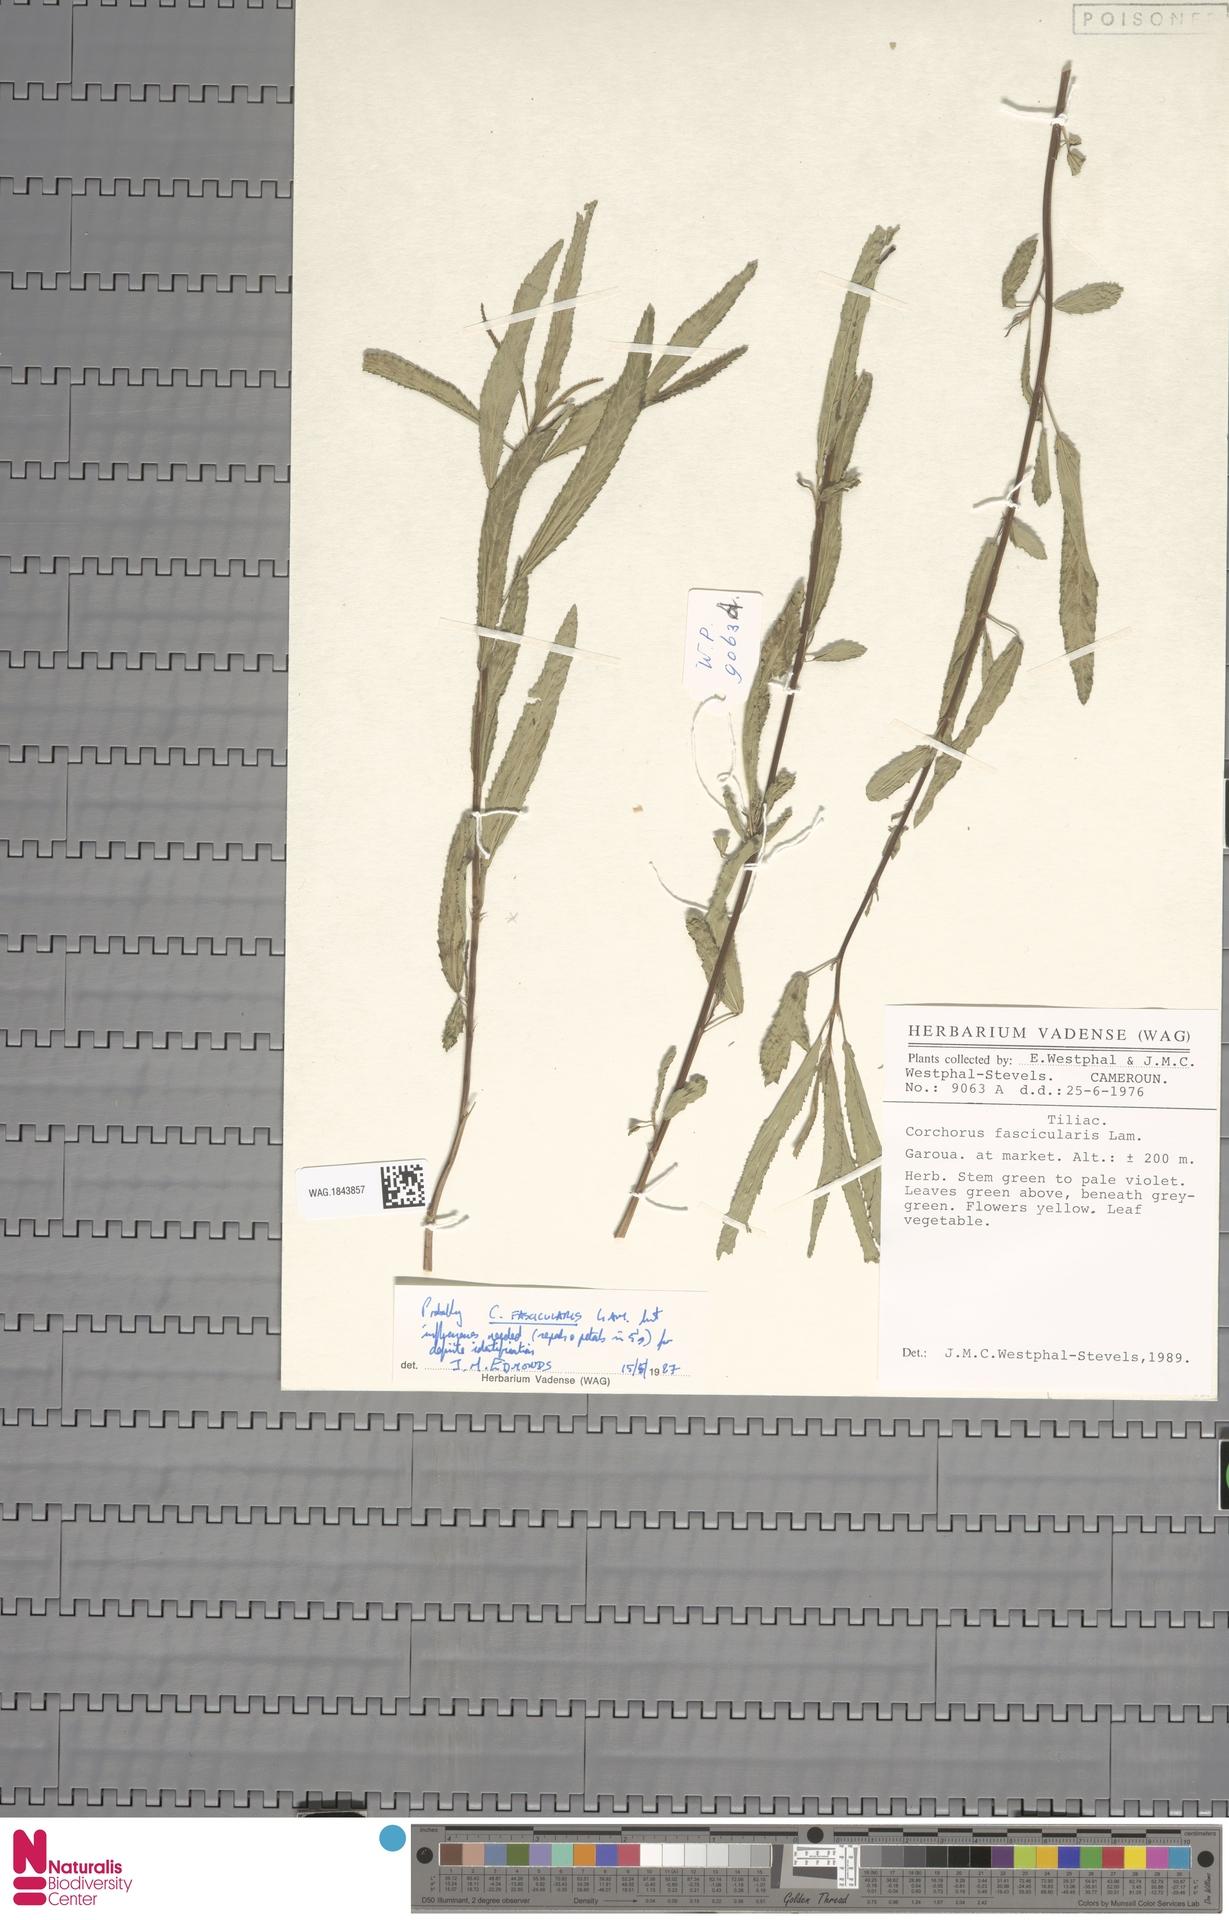 WAG.1843857 | Corchorus fascicularis Lam.